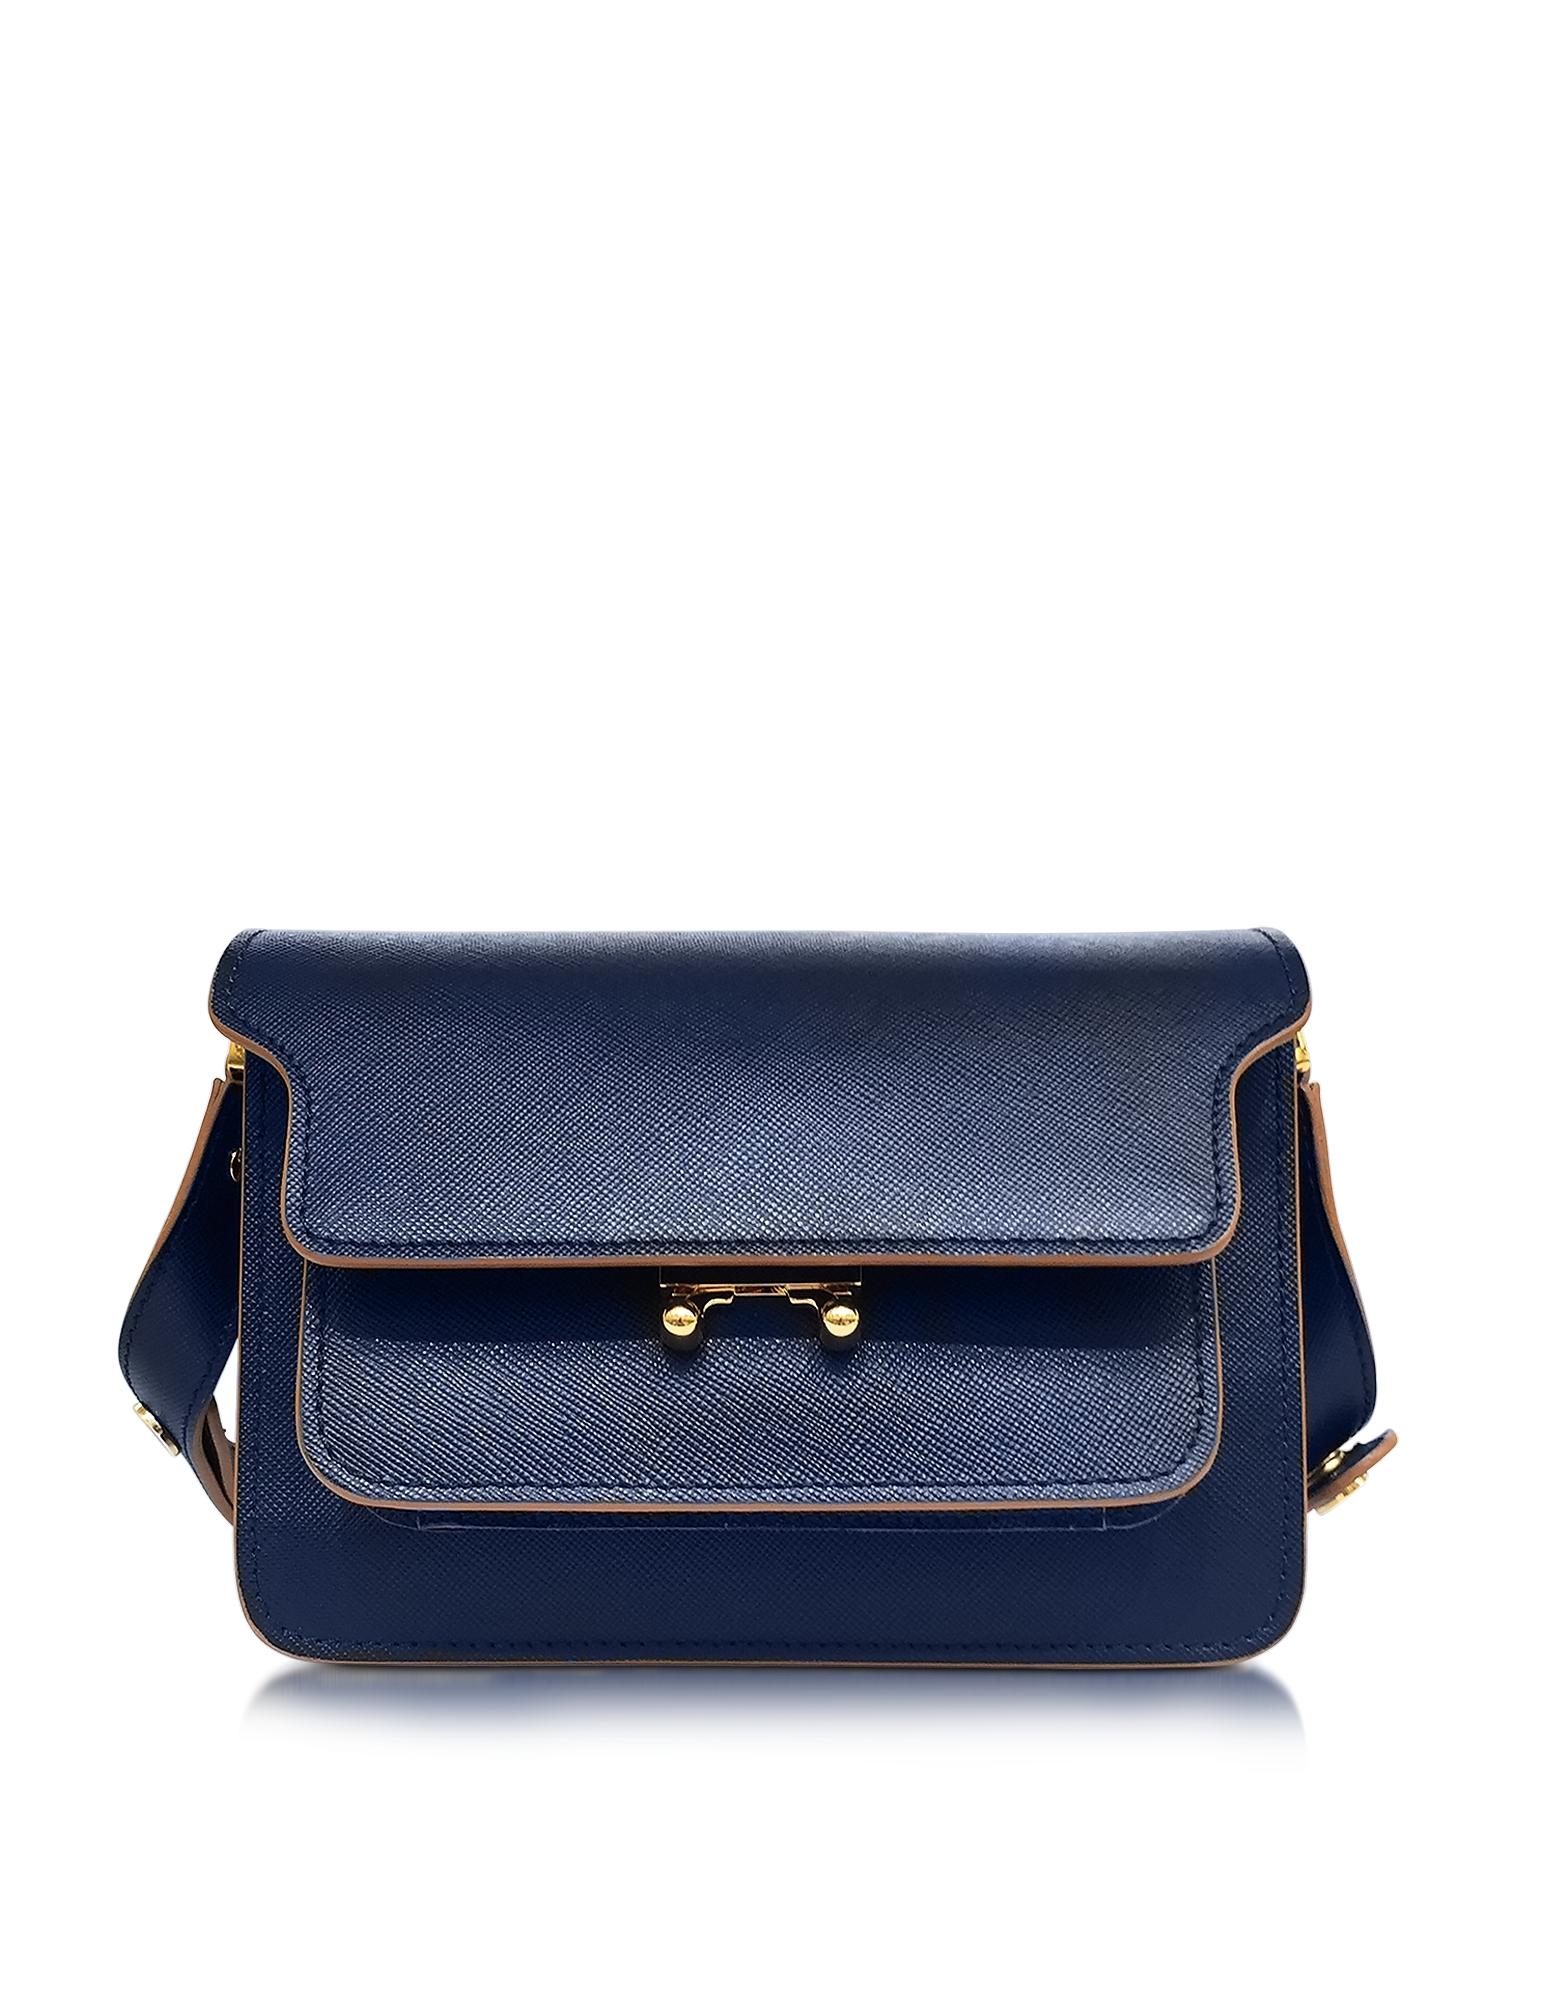 Фото Trunk Bag - Темно-Синяя из Сафьяновой Кожи. Купить с доставкой